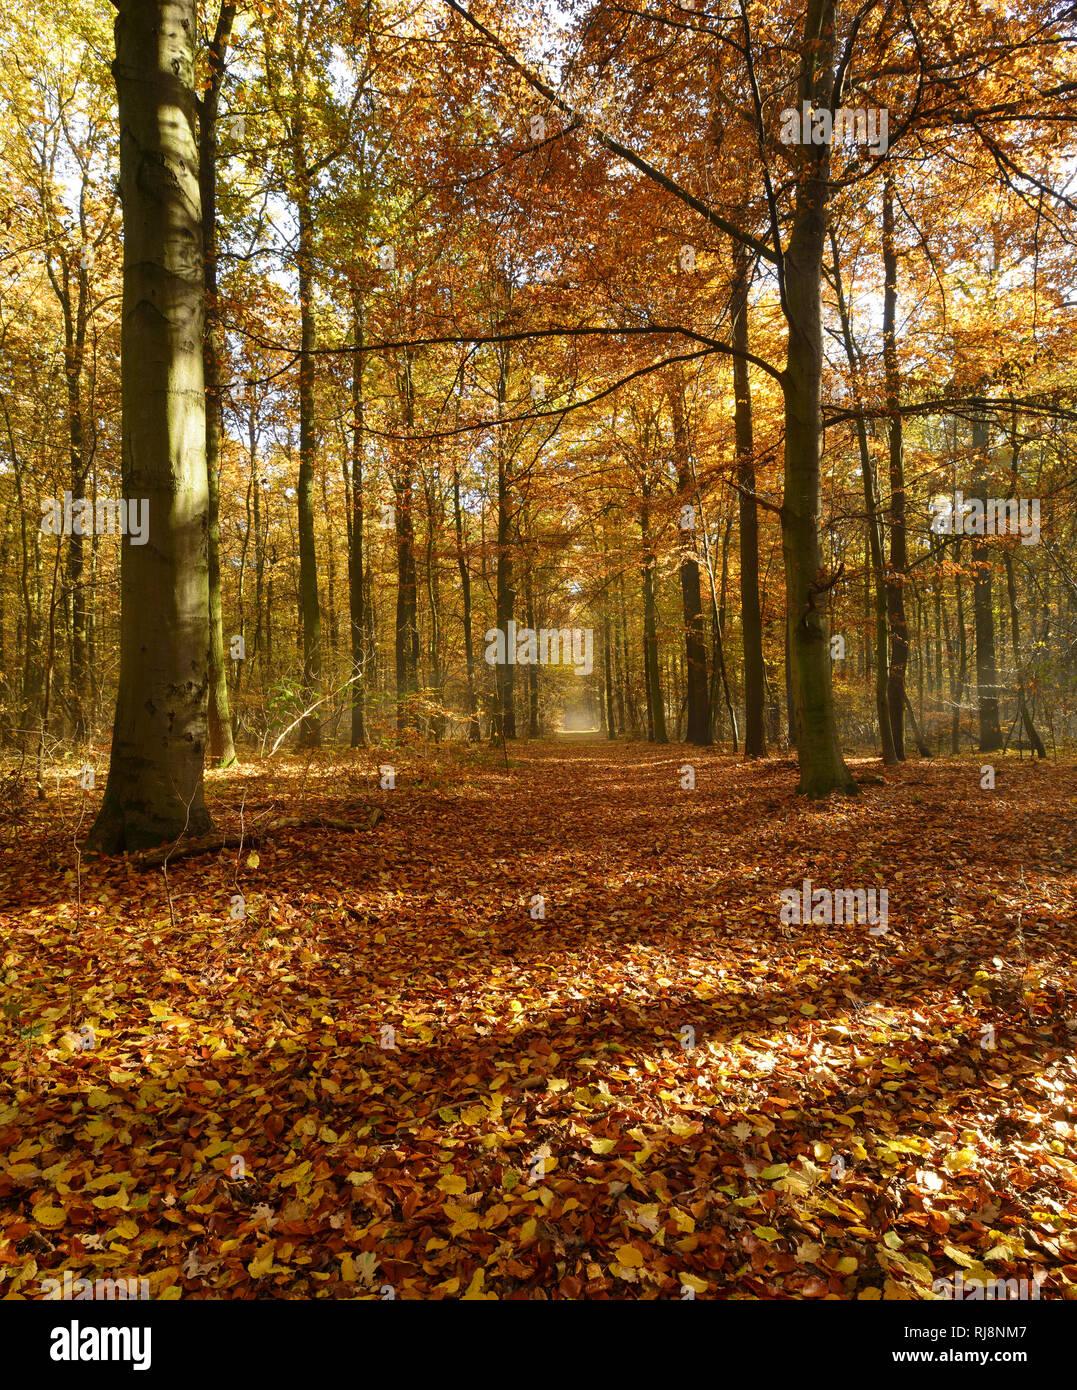 Laubwald im Herbst, Sonnenlicht, morgens, Ziegelrodaer Forst, Sachsen-Anhalt, Deutschland - Stock Image